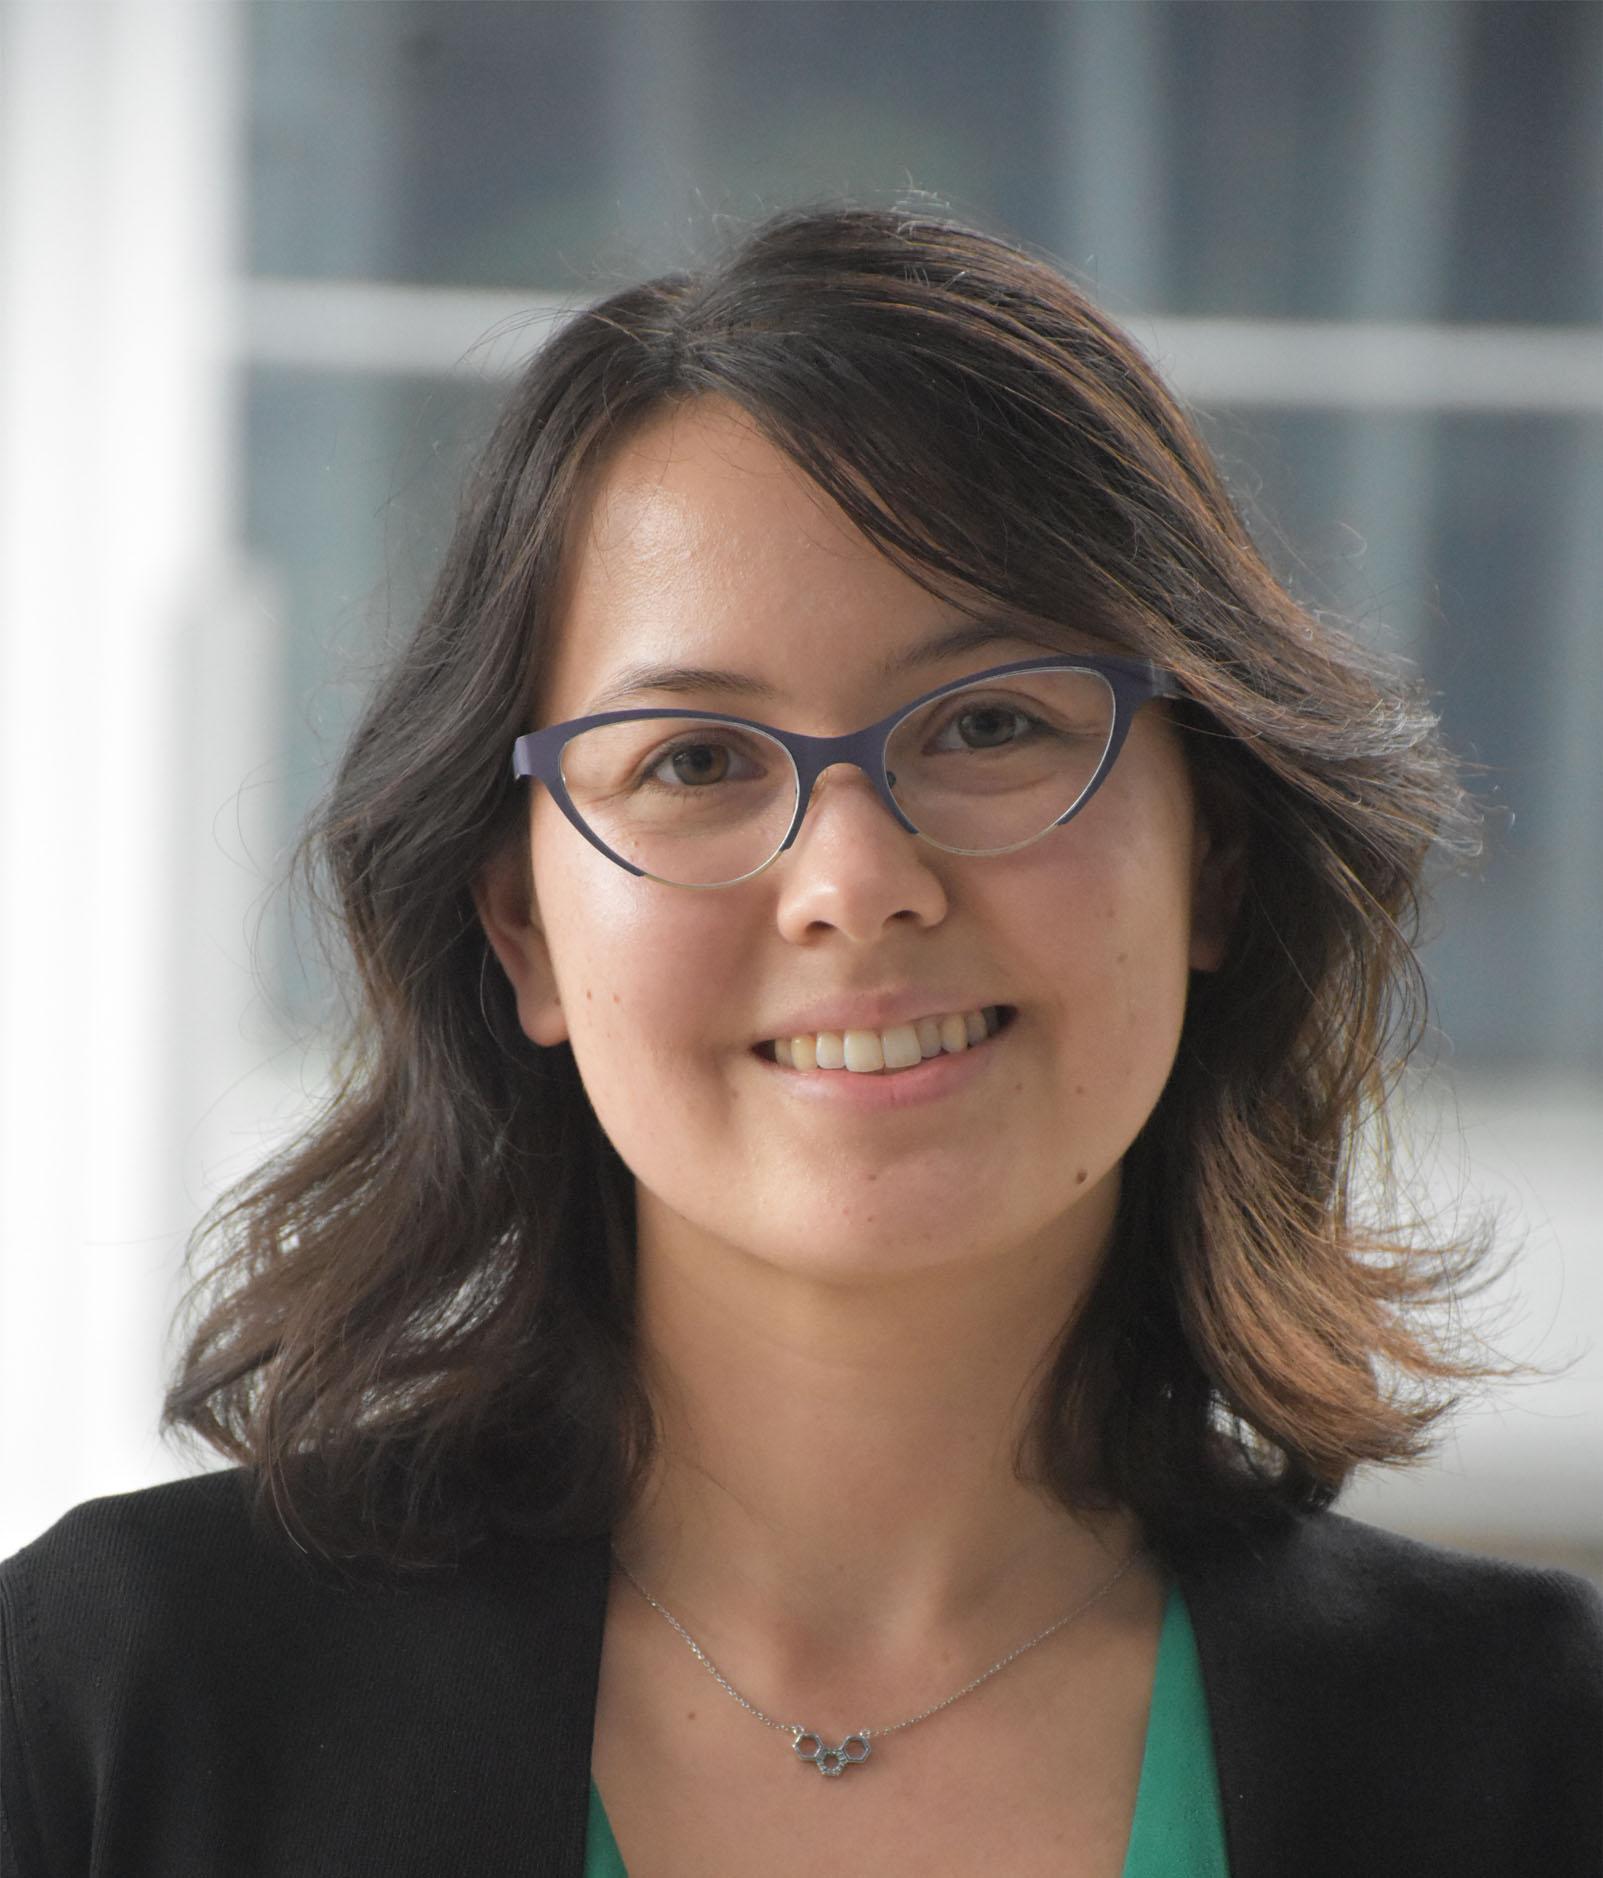 Natalie Jing Ma